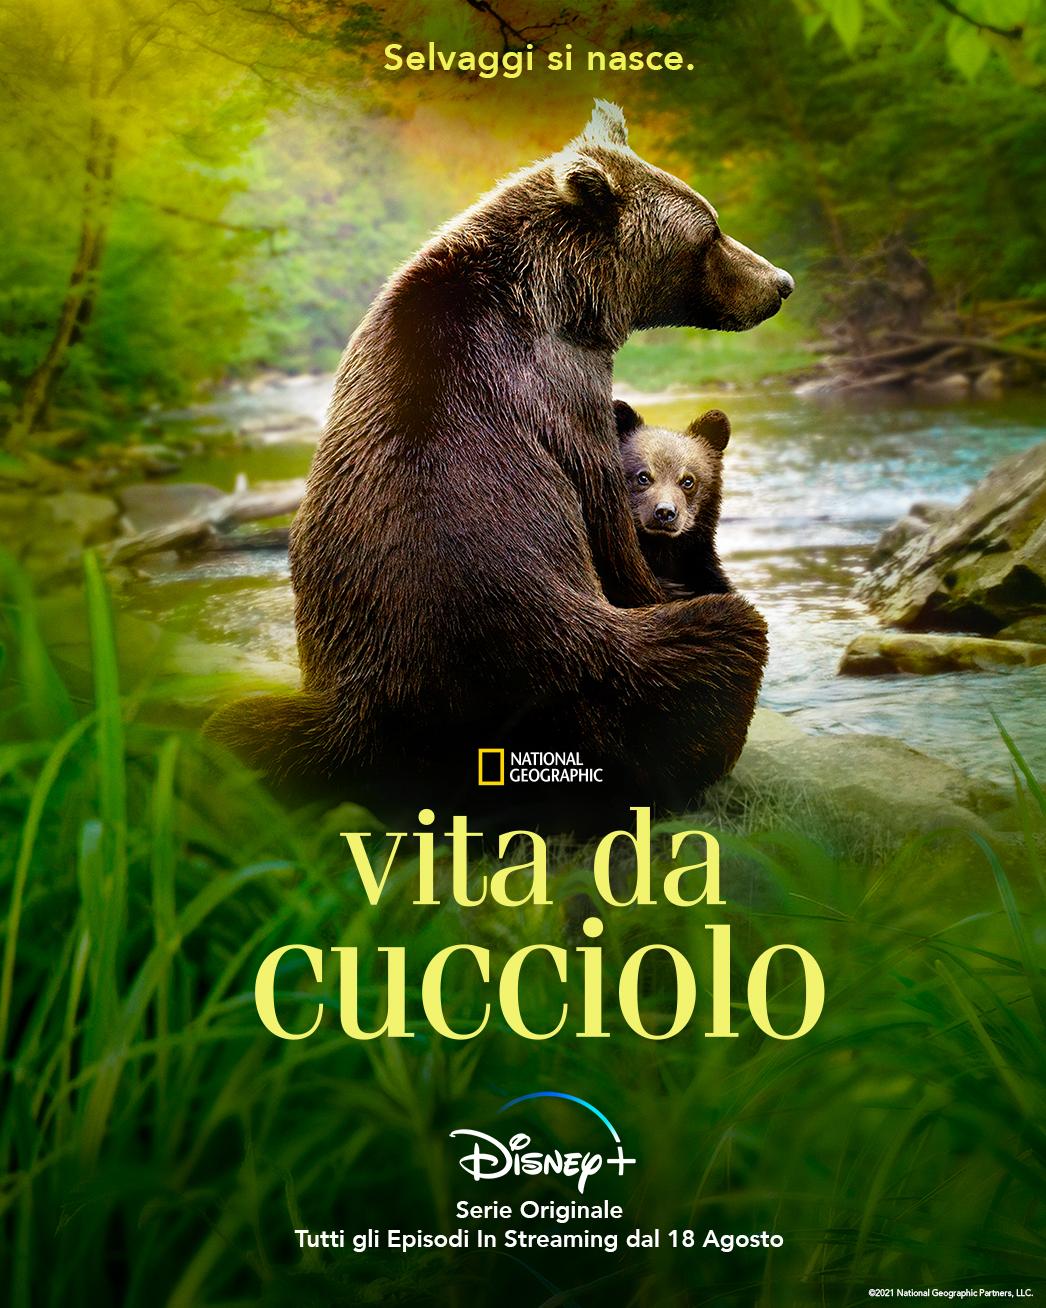 la key art ufficiale di vita da cucciolo riporta una mamma orsa di spalle, seduta, con in braccio il suo cucciolo - nerdface